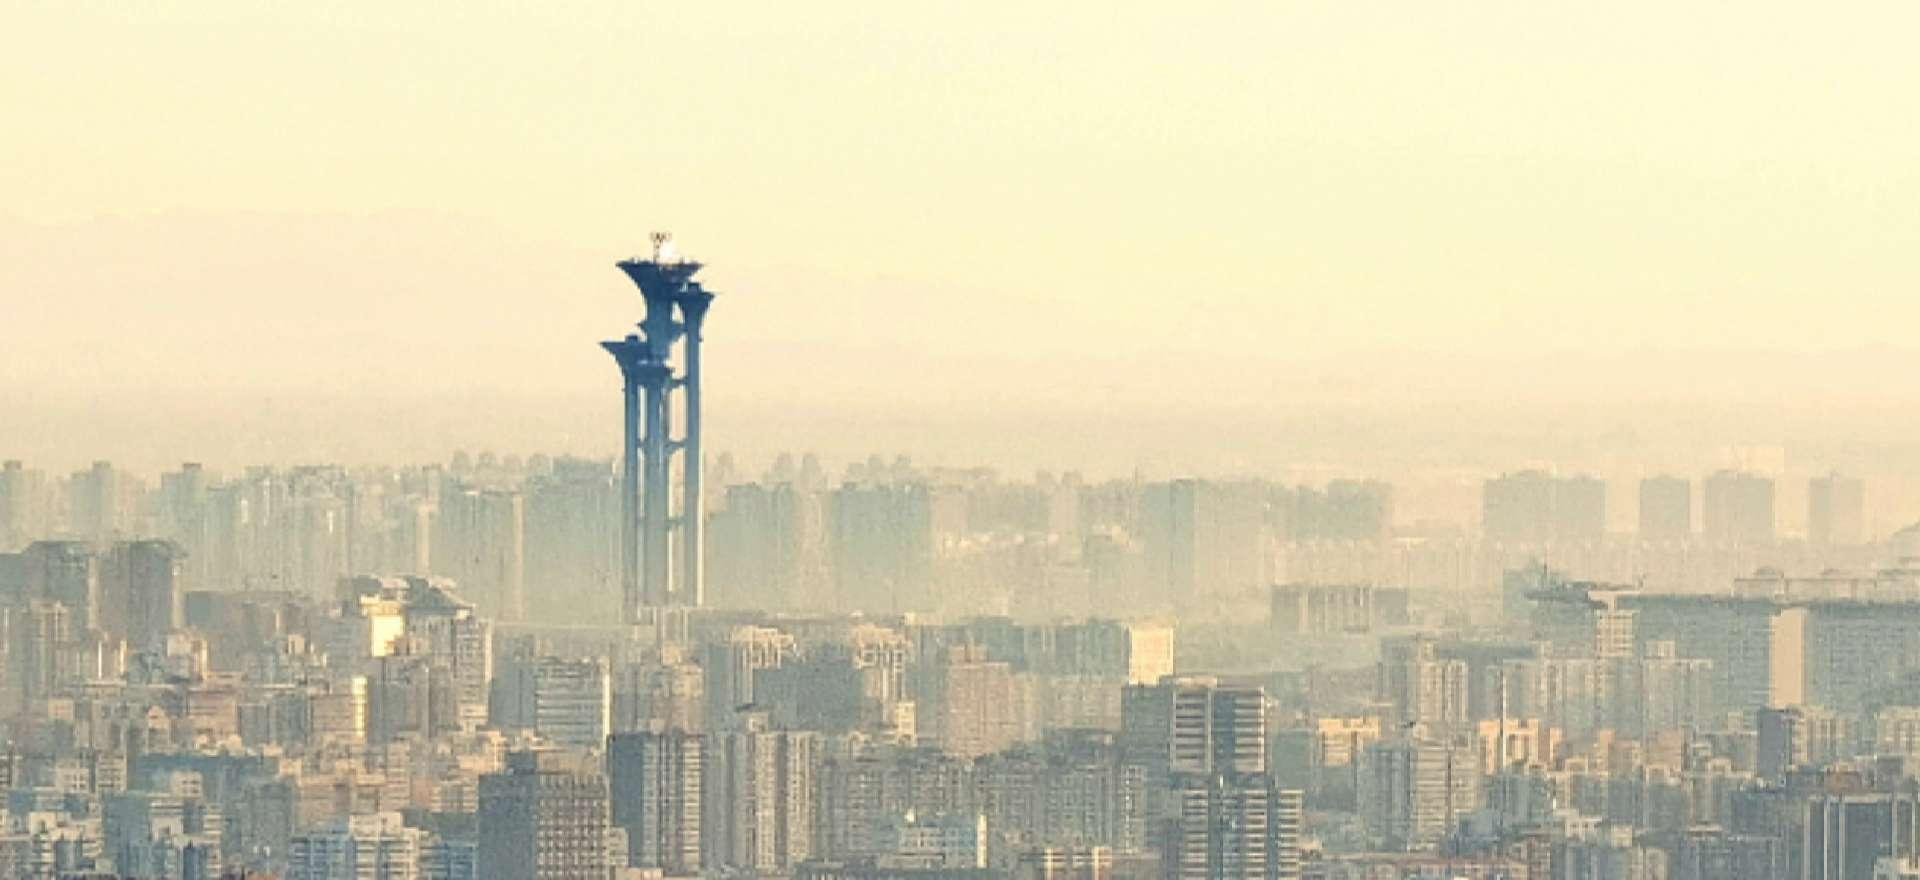 塔上瞰北京·双奥之城|距2022年北京冬奥会倒计时500天,花粉随手拍-花粉俱乐部